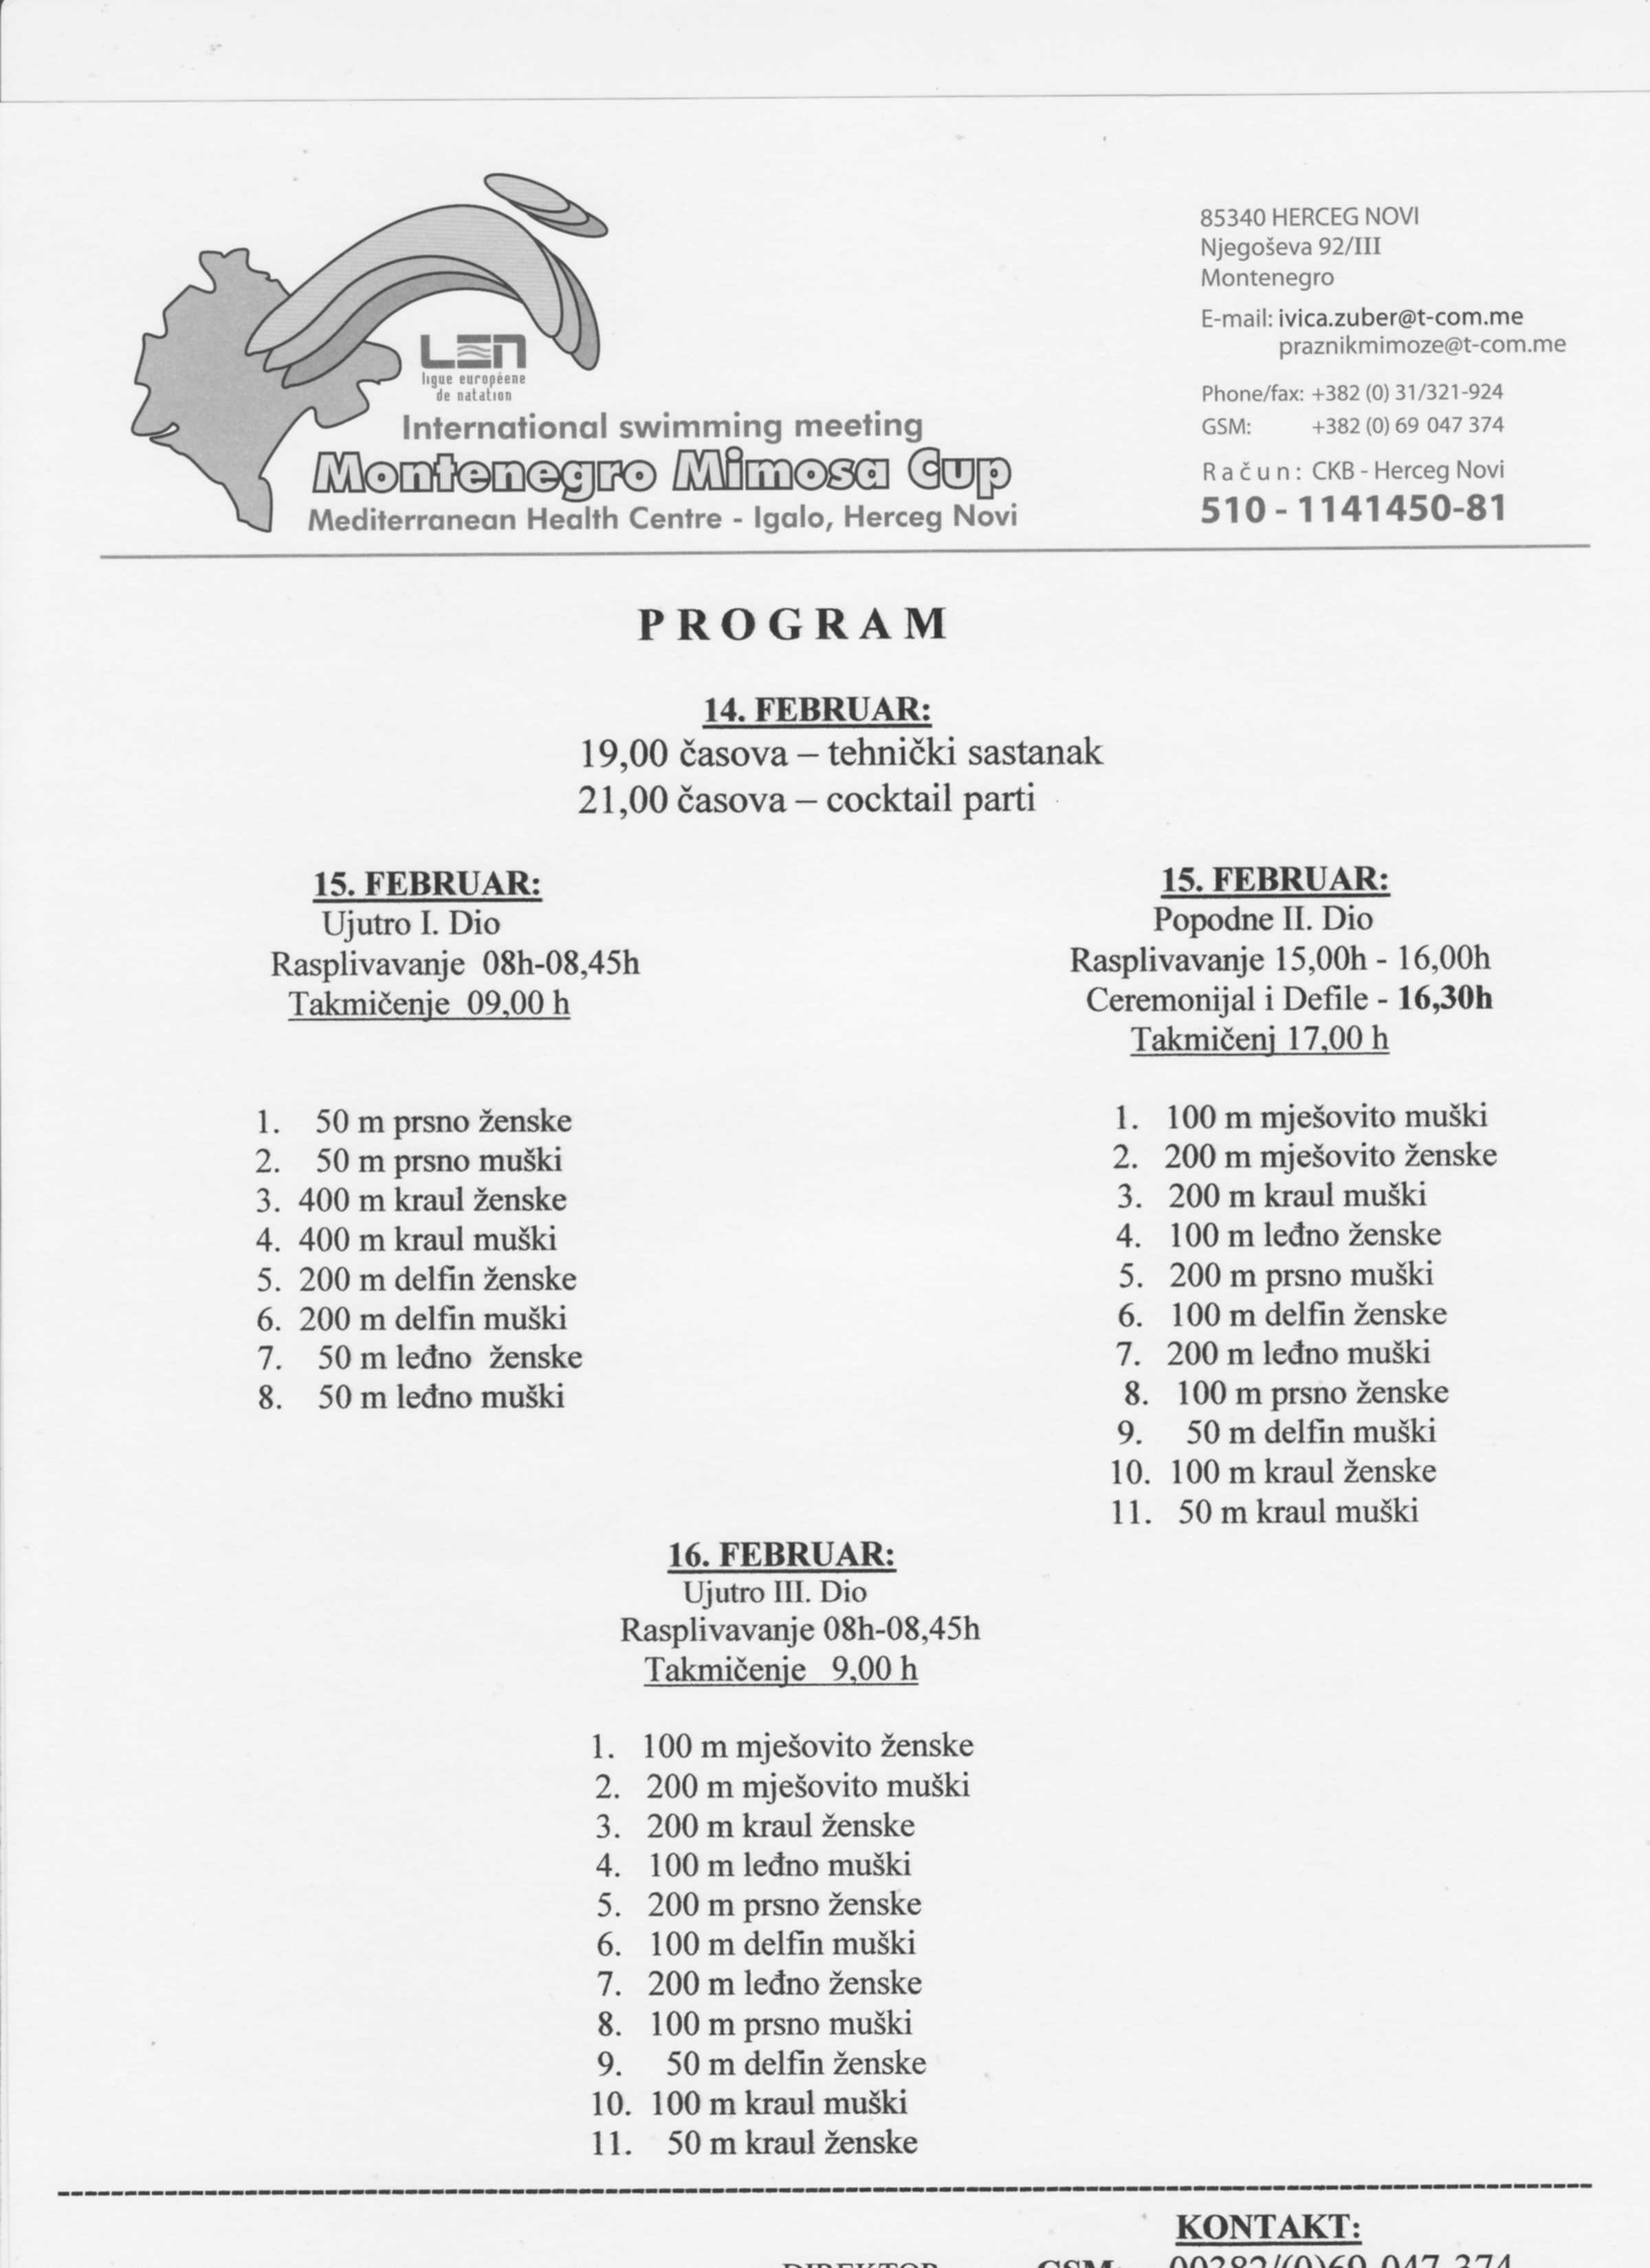 Пропозицијена језику организатора, страна 2